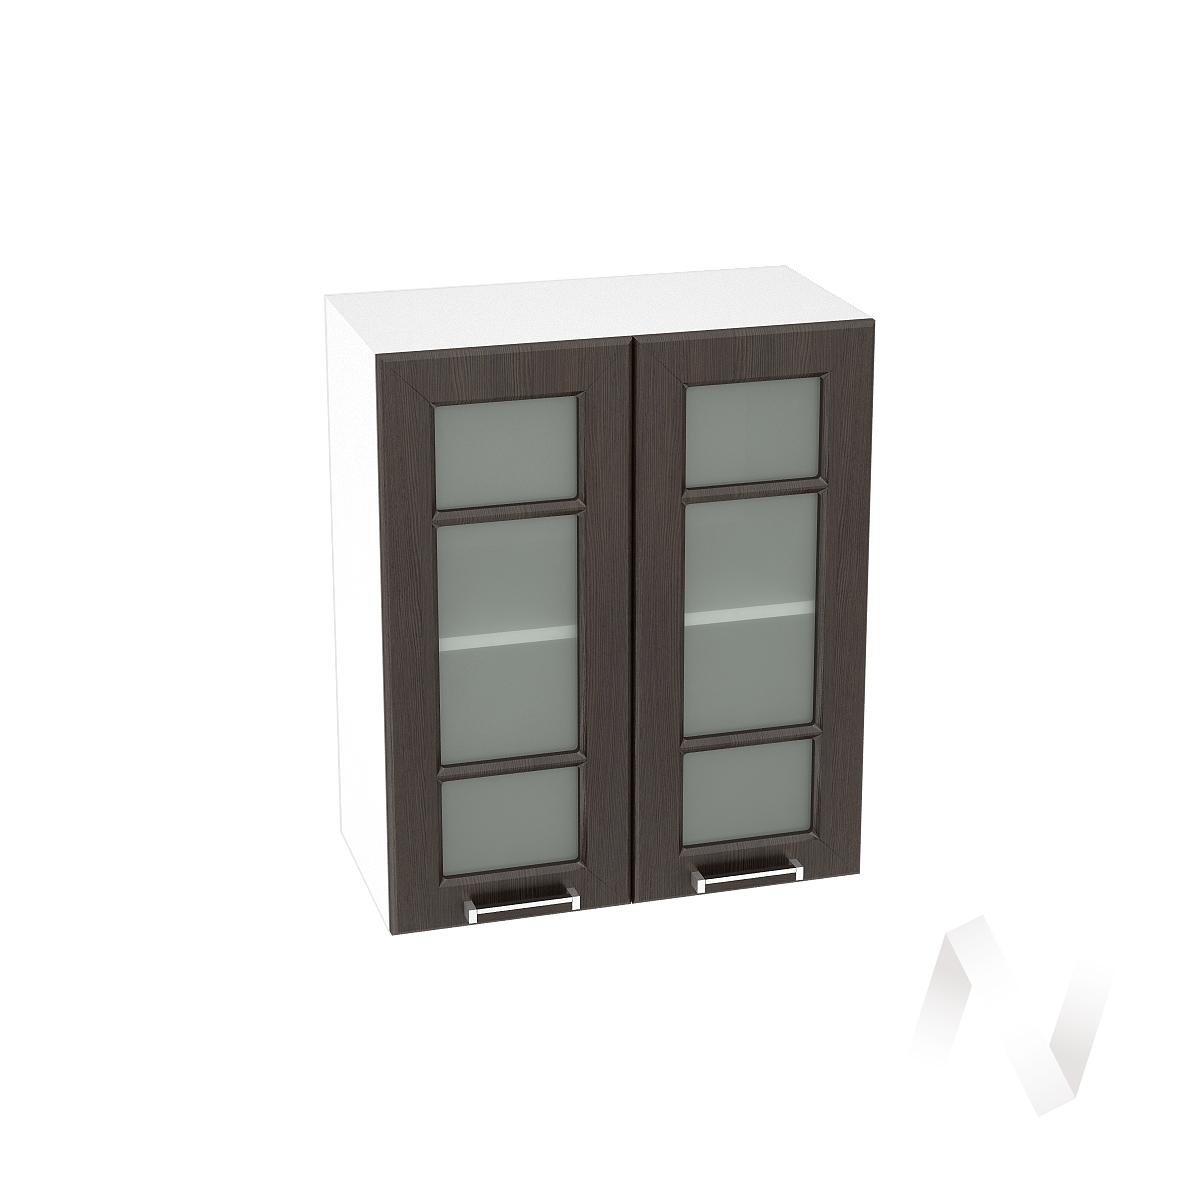 """Кухня """"Прага"""": Шкаф верхний со стеклом 600, ШВС 600 (венге/корпус белый)"""